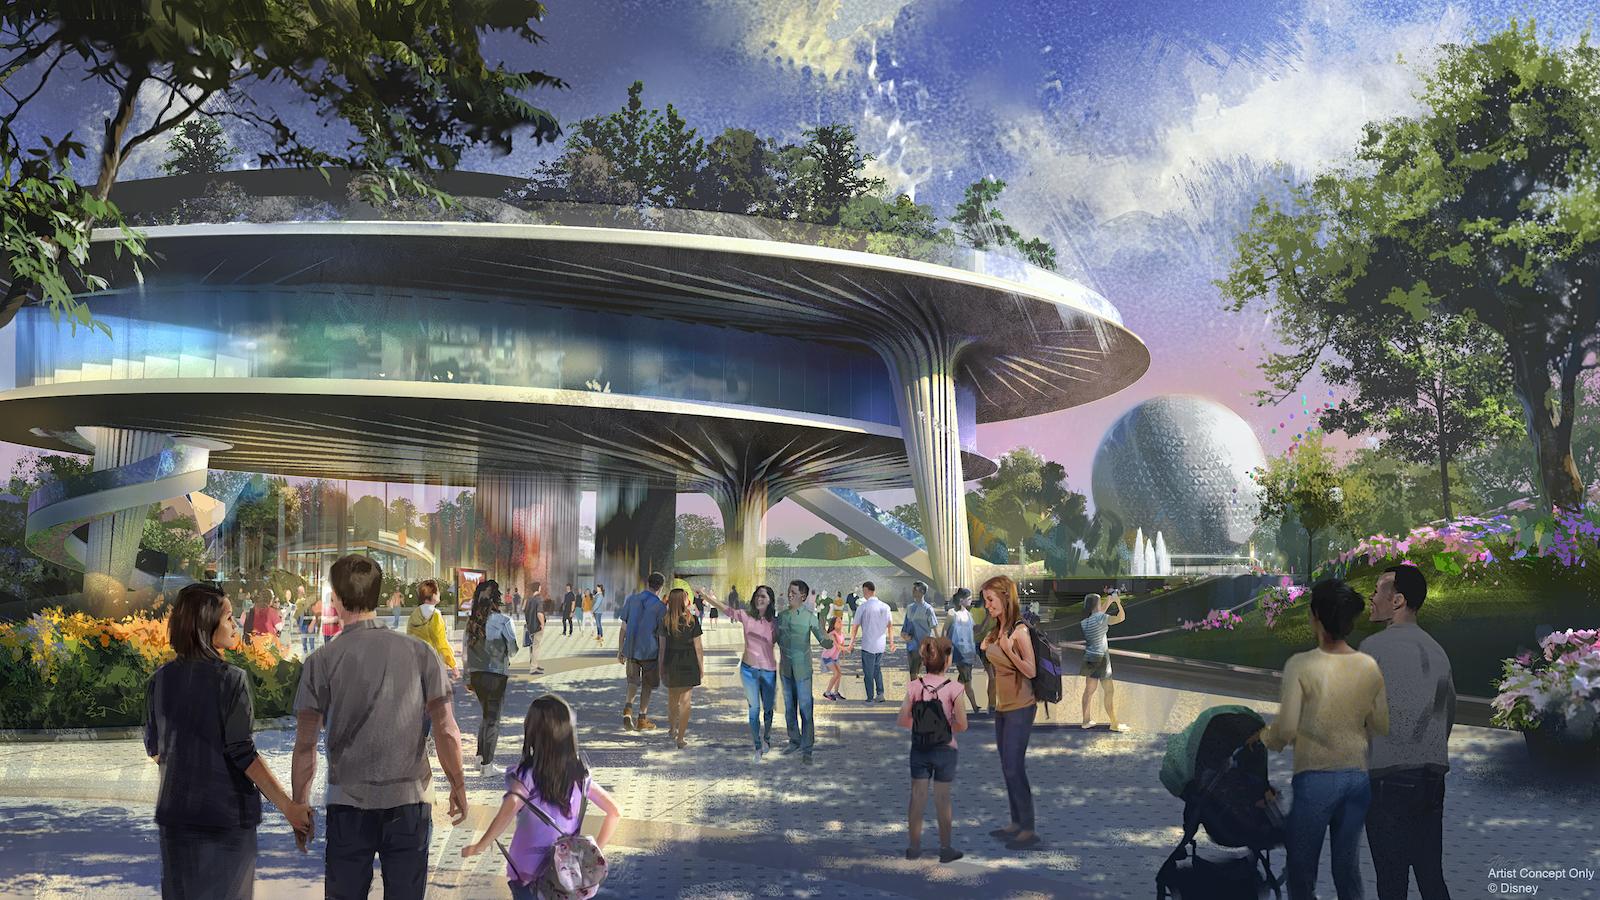 Concept art for new Epcot festival pavilion